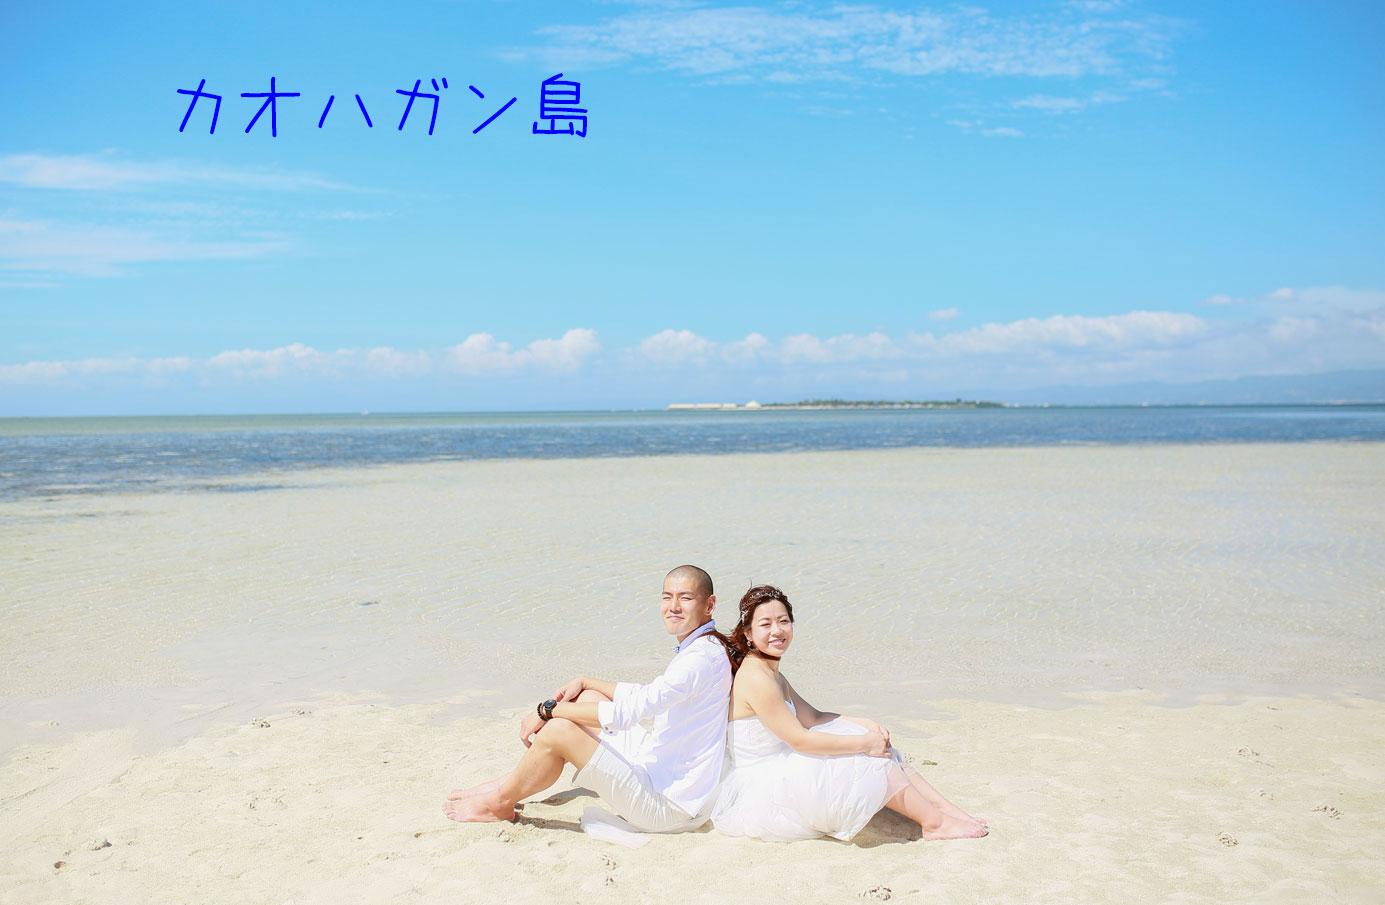 Cebuphotowedding セブフォトウエディング セブカメラマン 日本人 セブ島記念撮影 セブ島写真撮影 セブウエディングフォト 海外前撮り 海外ビーチフォト リゾートフォト